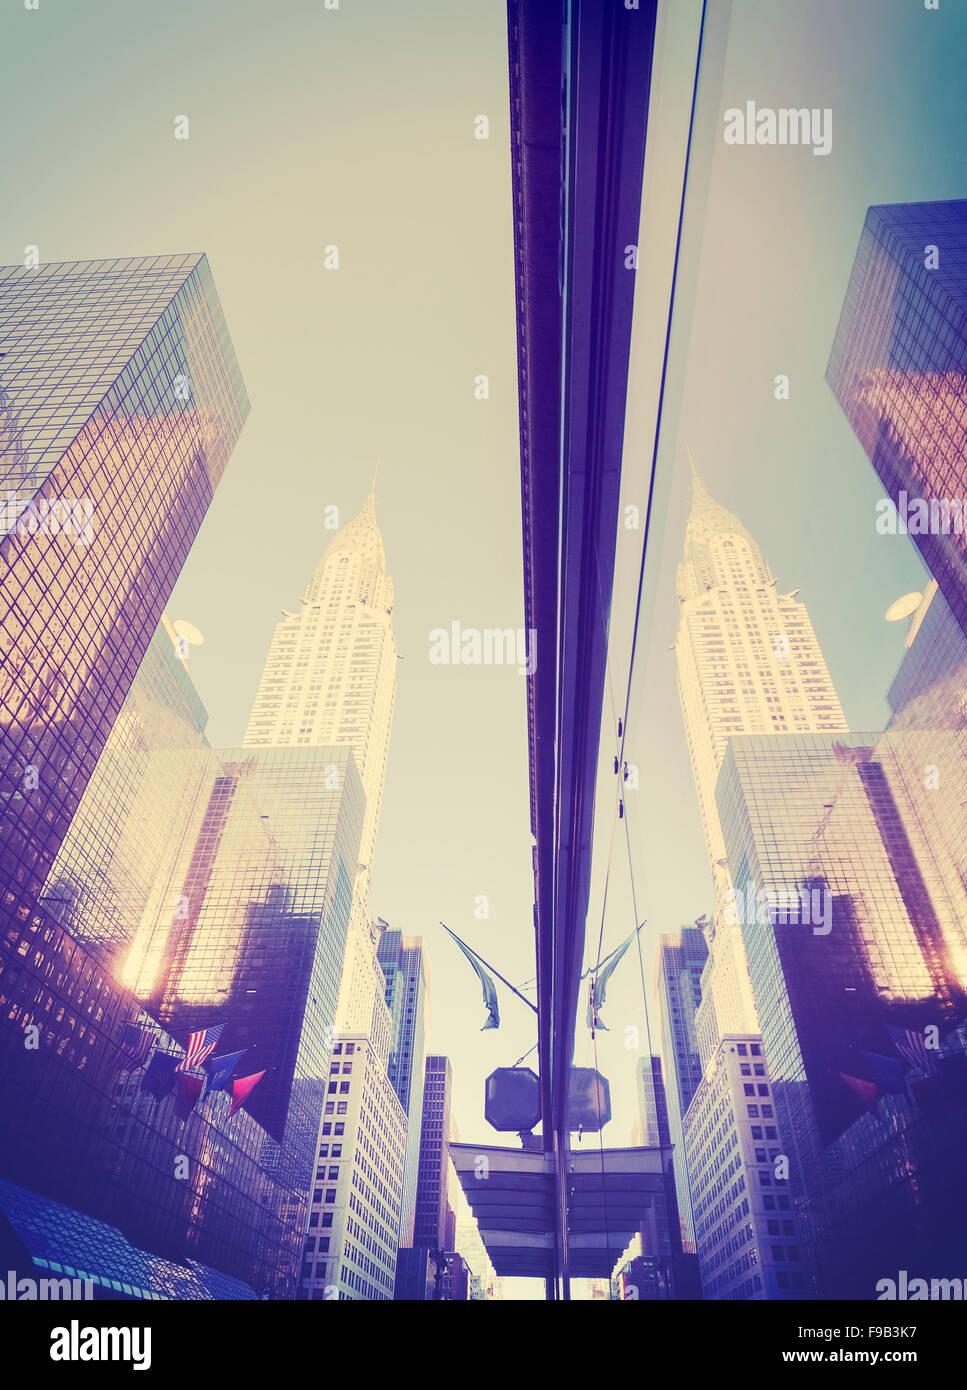 In stile vintage grattacieli di Manhattan si riflette in windows, NYC, Stati Uniti d'America. Foto Stock